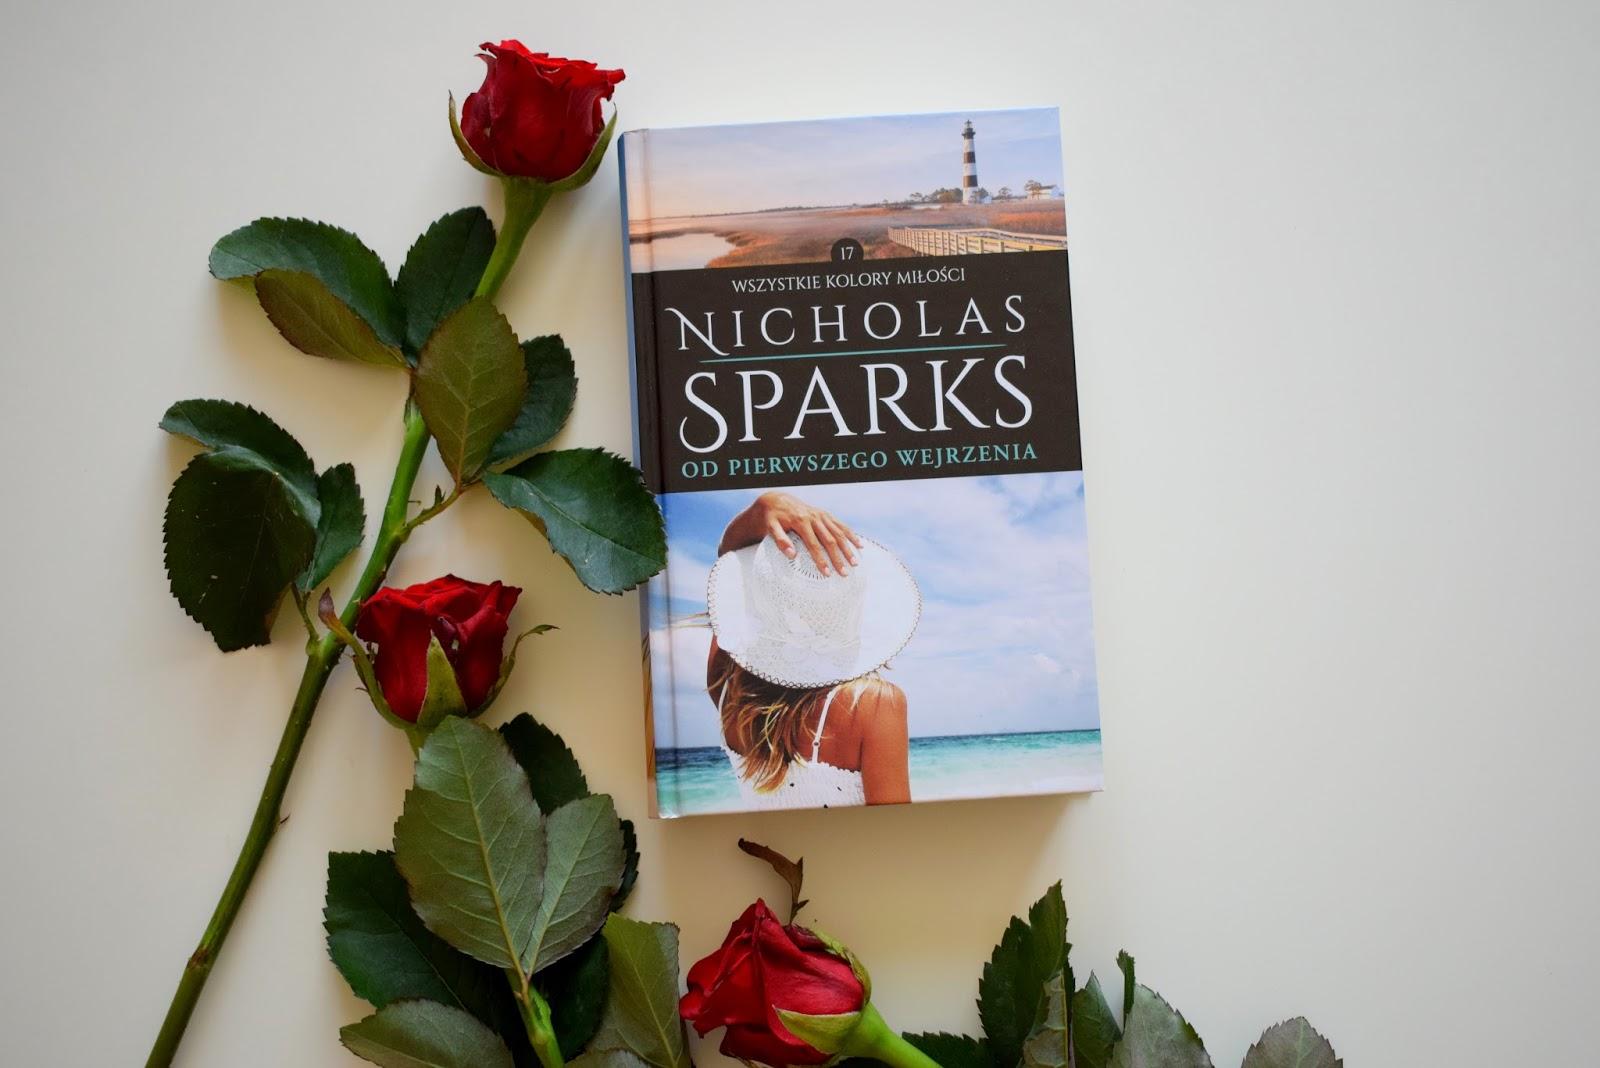 Nicholas Sparks, Od pierwszego wejrzenia